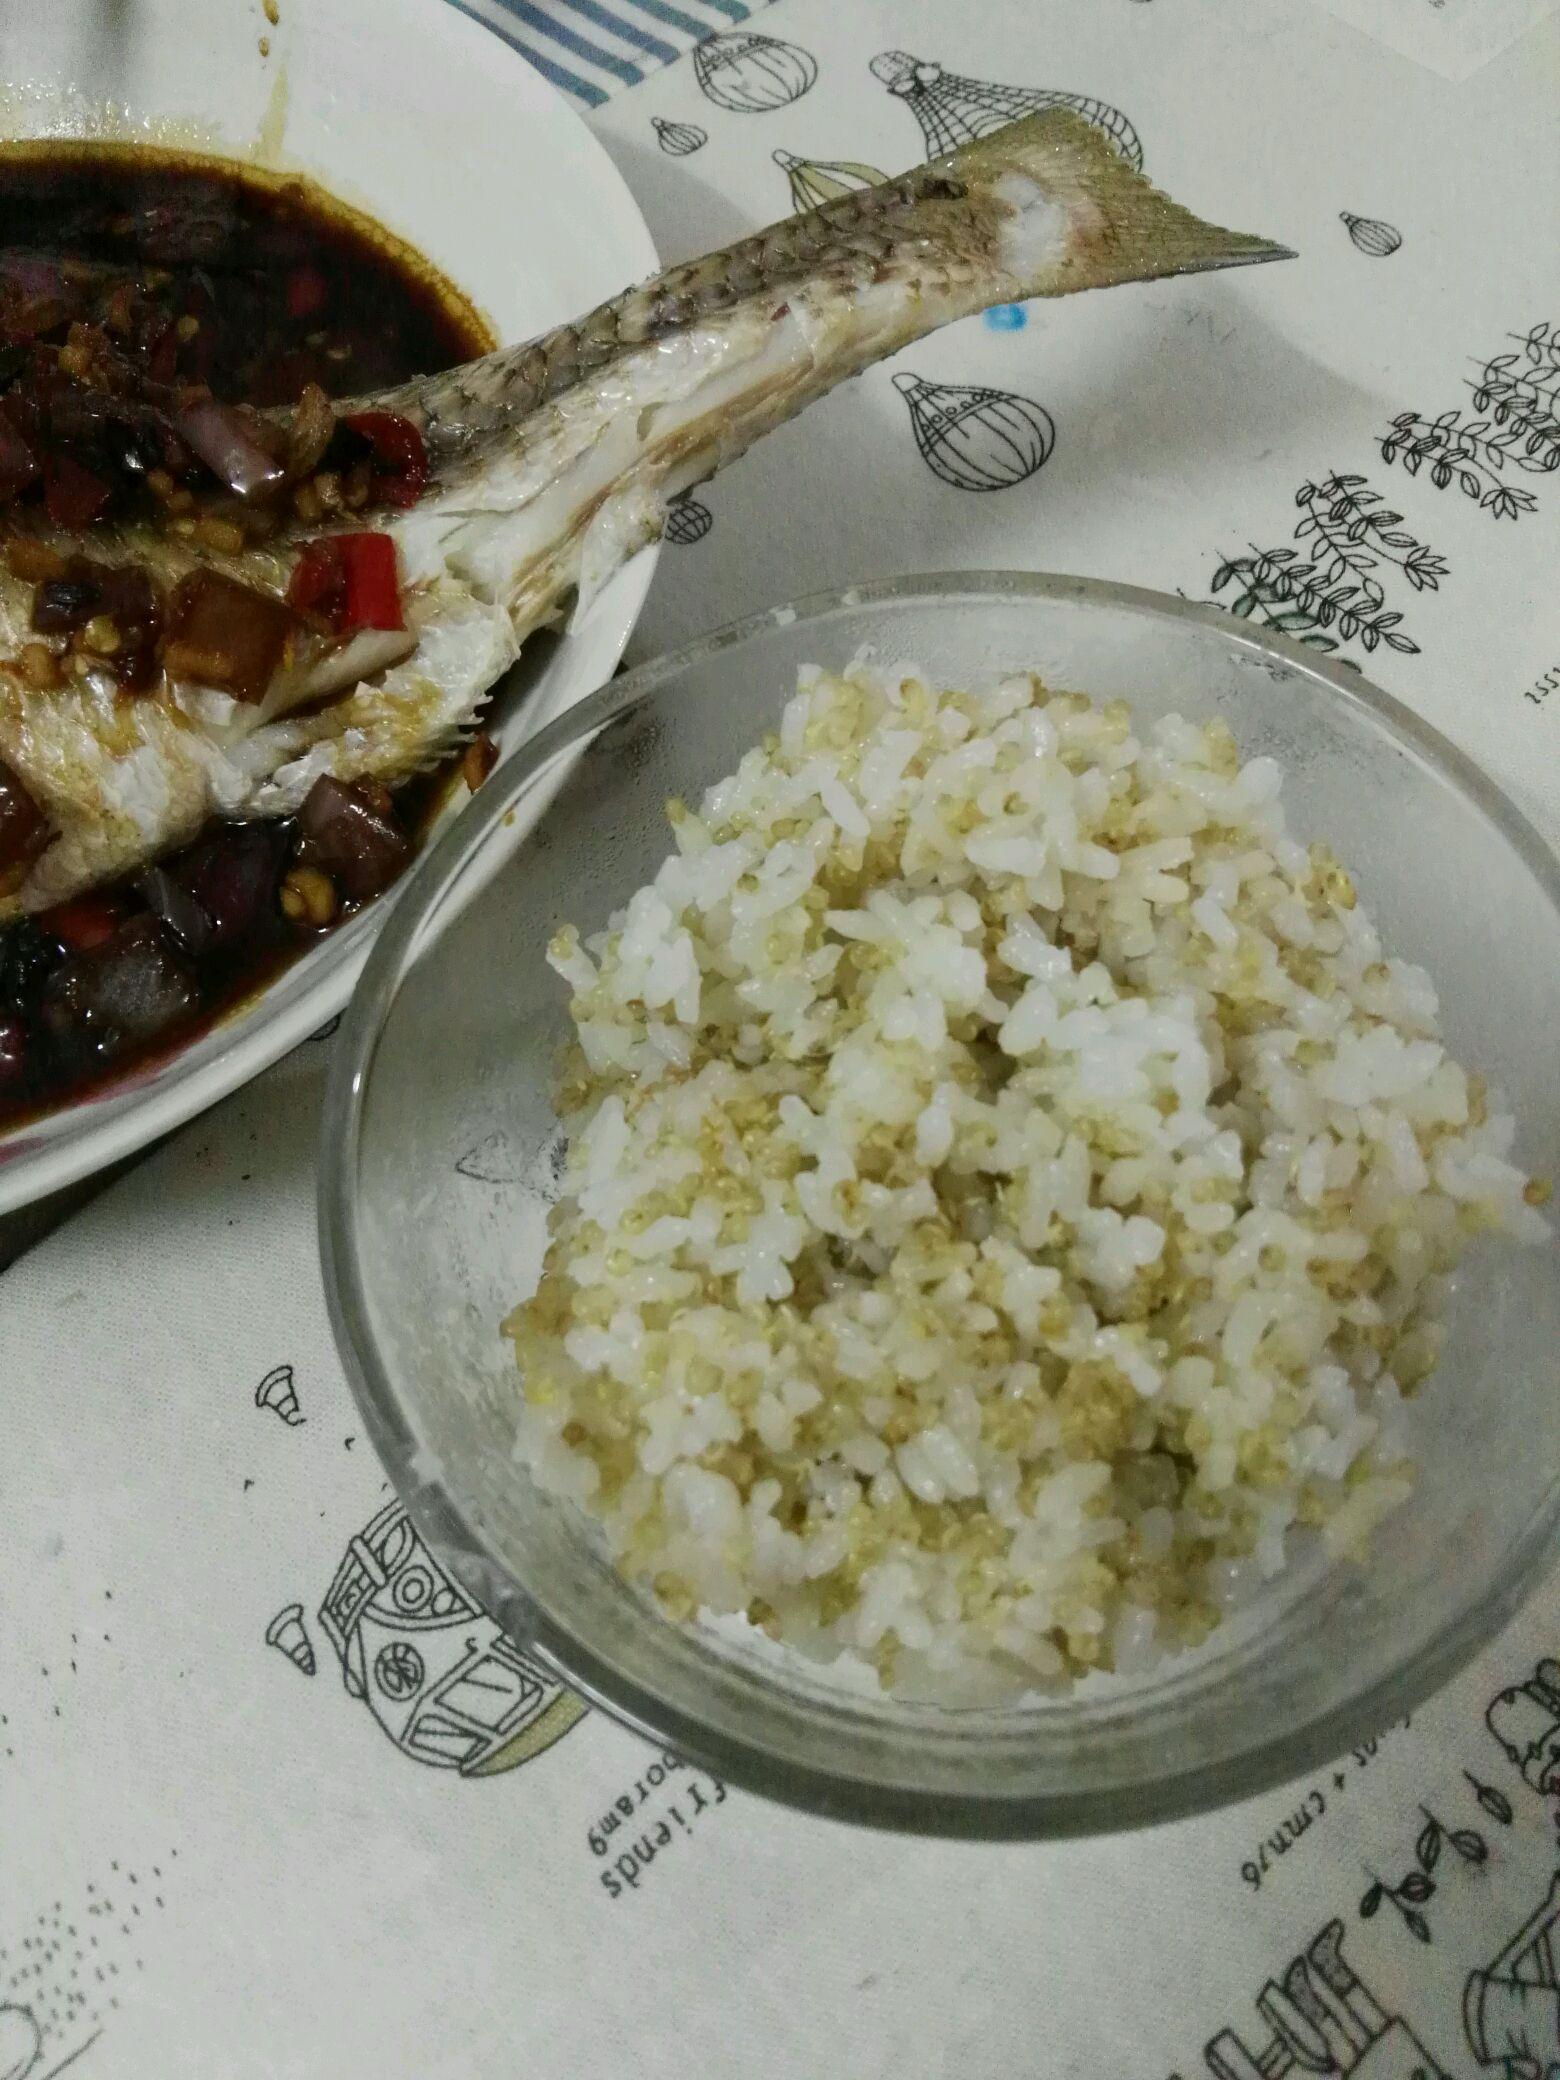 藜麦米饭的做法步骤